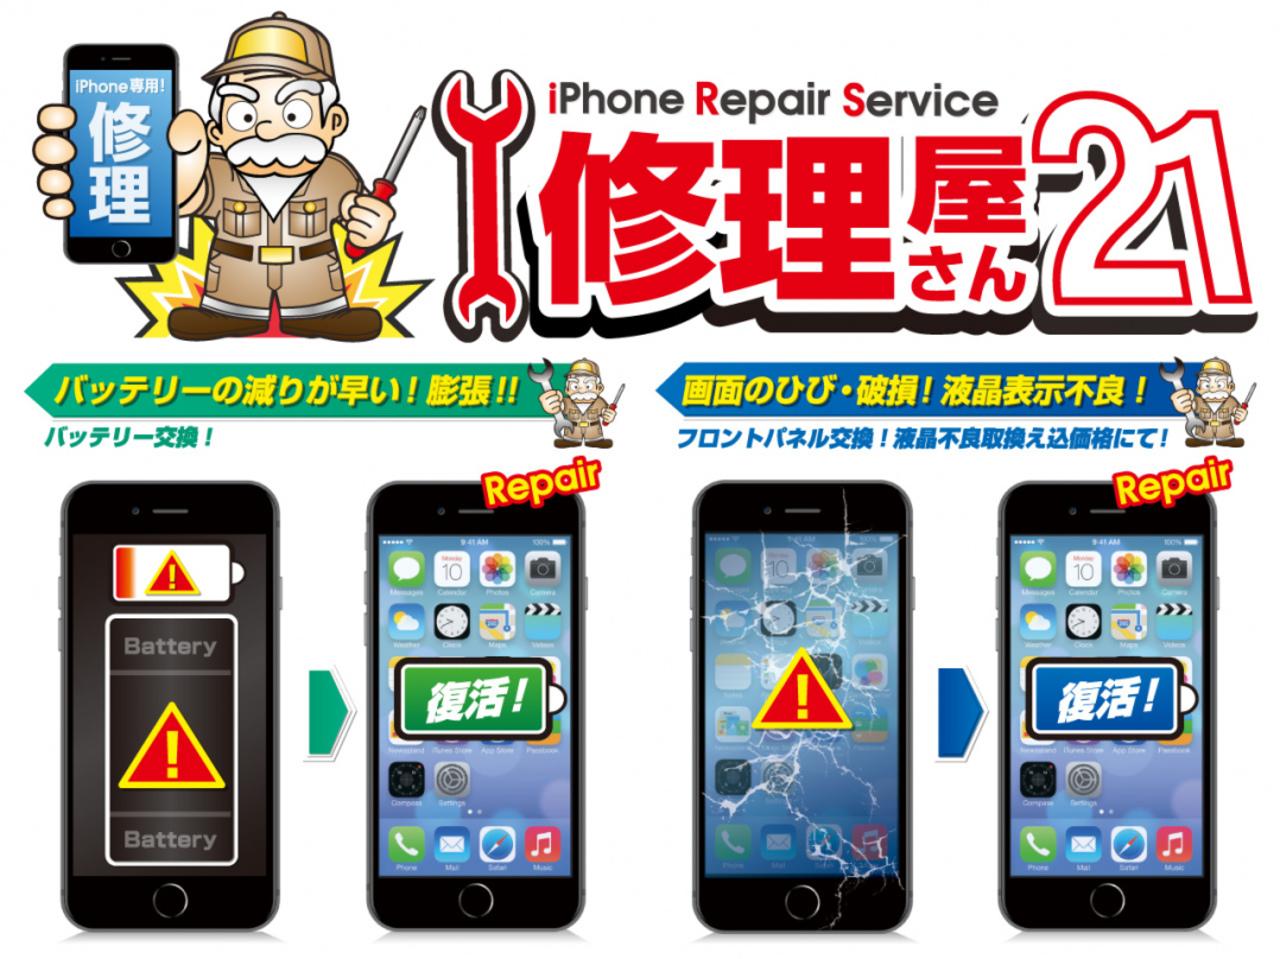 【はんこ屋さん21 新横浜店】iPhone修理サービスの受付スタートしました